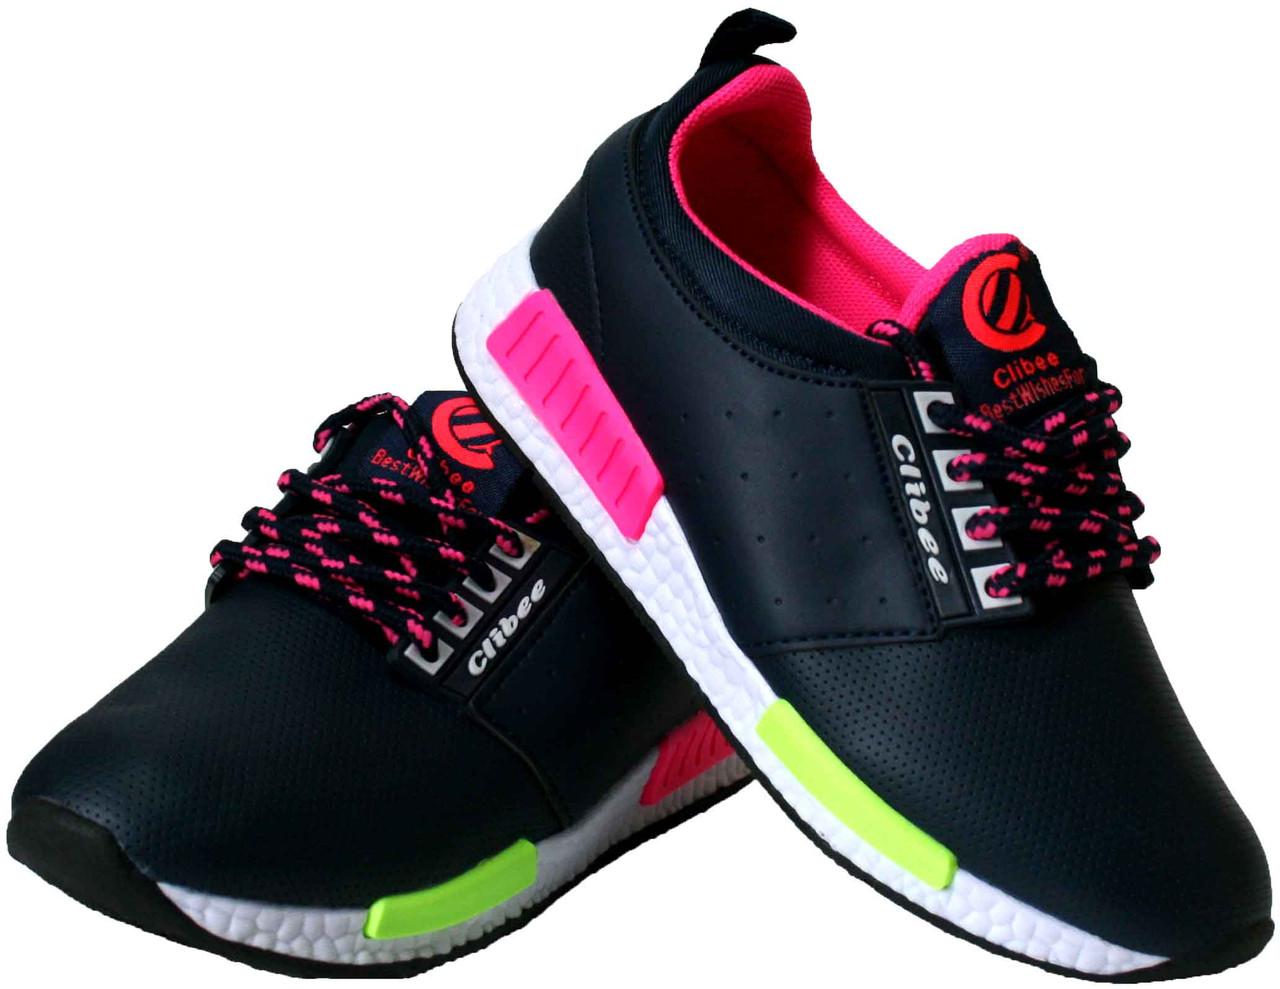 Дитячі кросівки для дівчаток CLIBEE Польща розміри 31-36